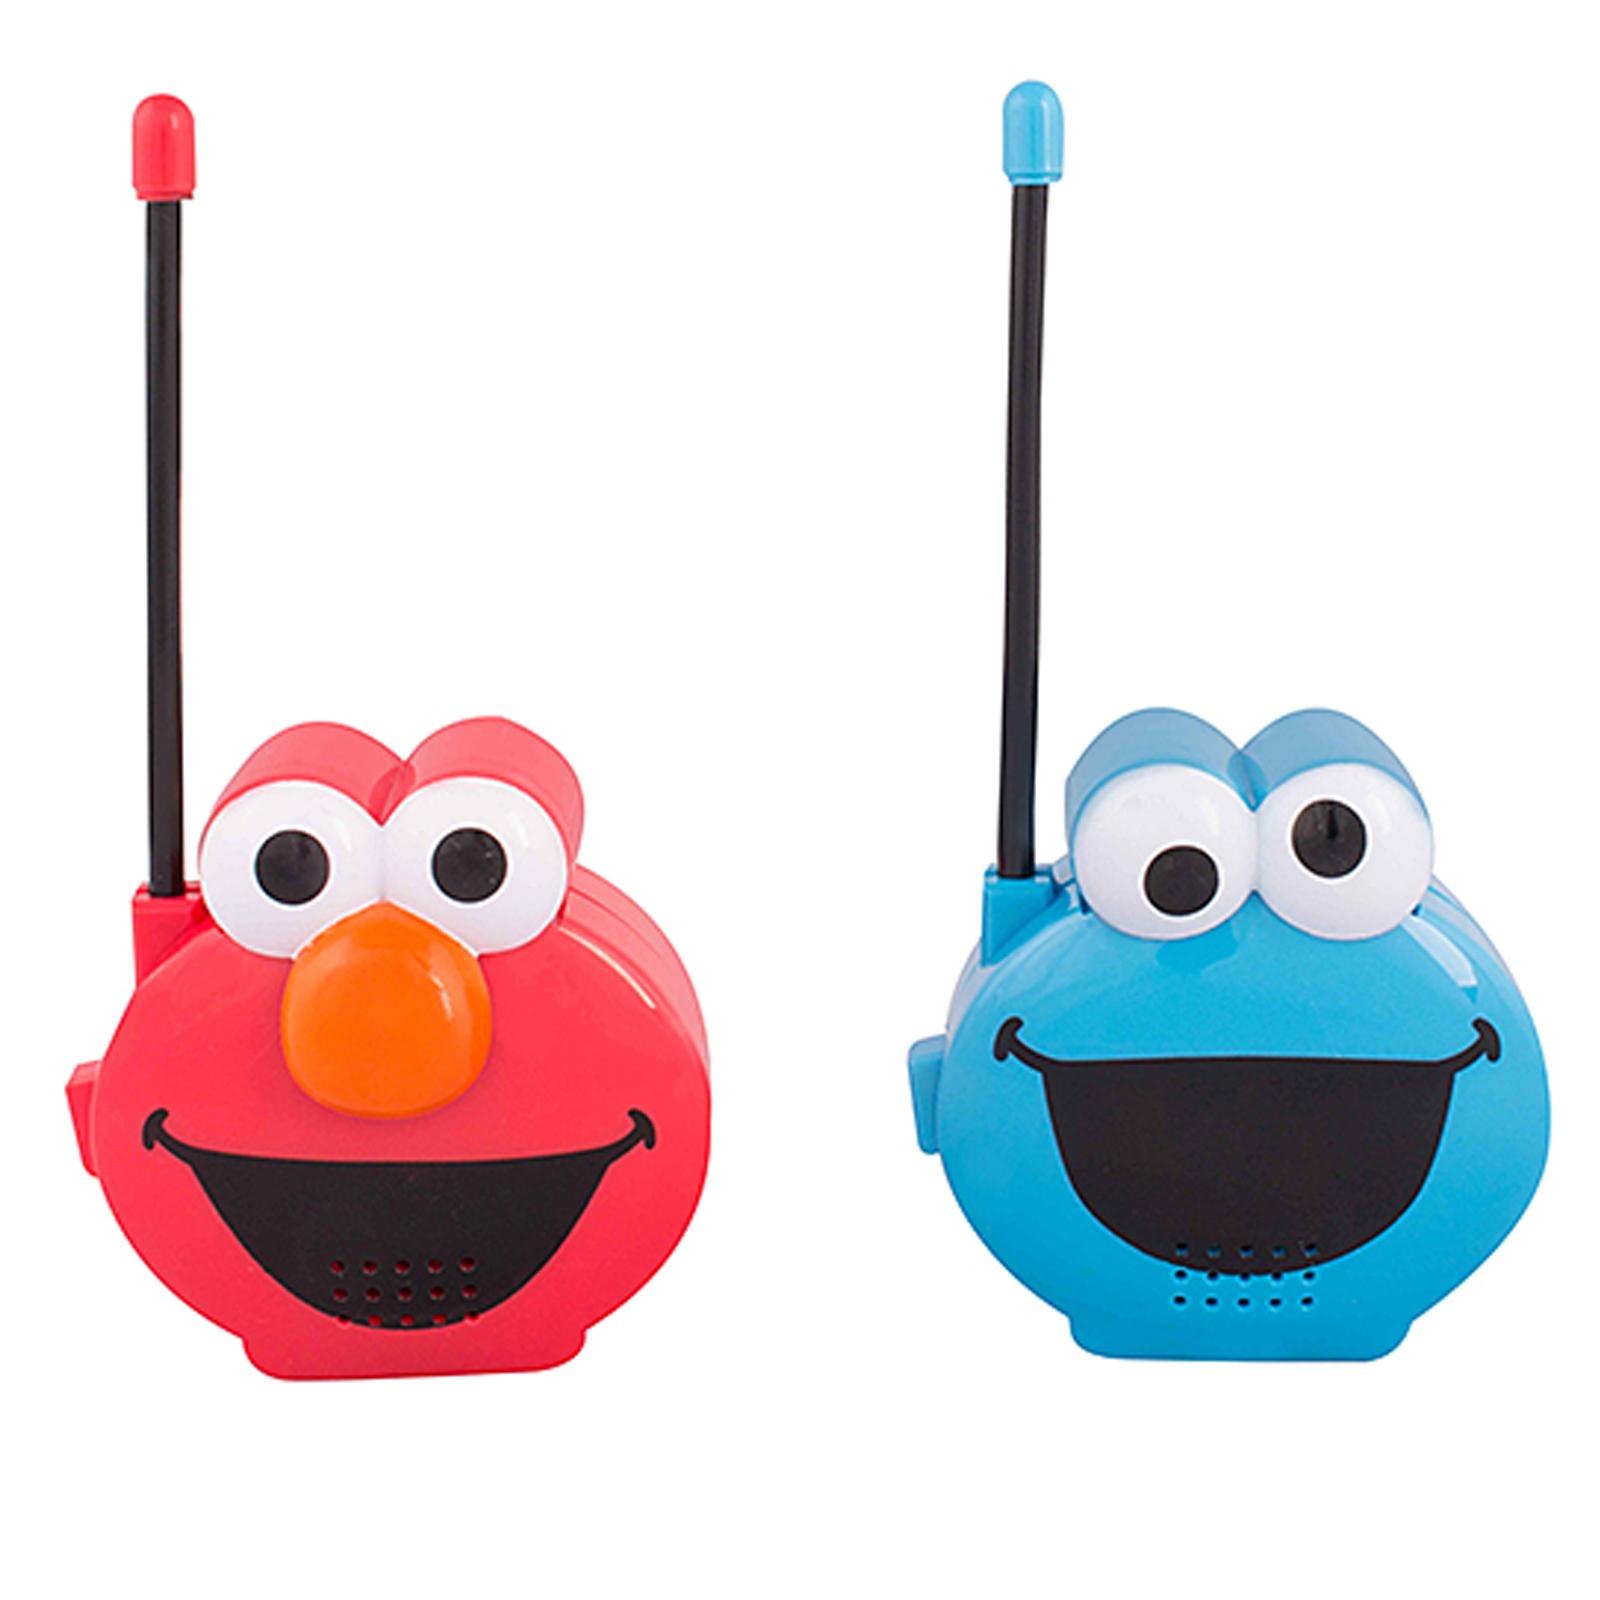 Sesame Street Elmo & Cookie Monster Molded Walkie Talkies